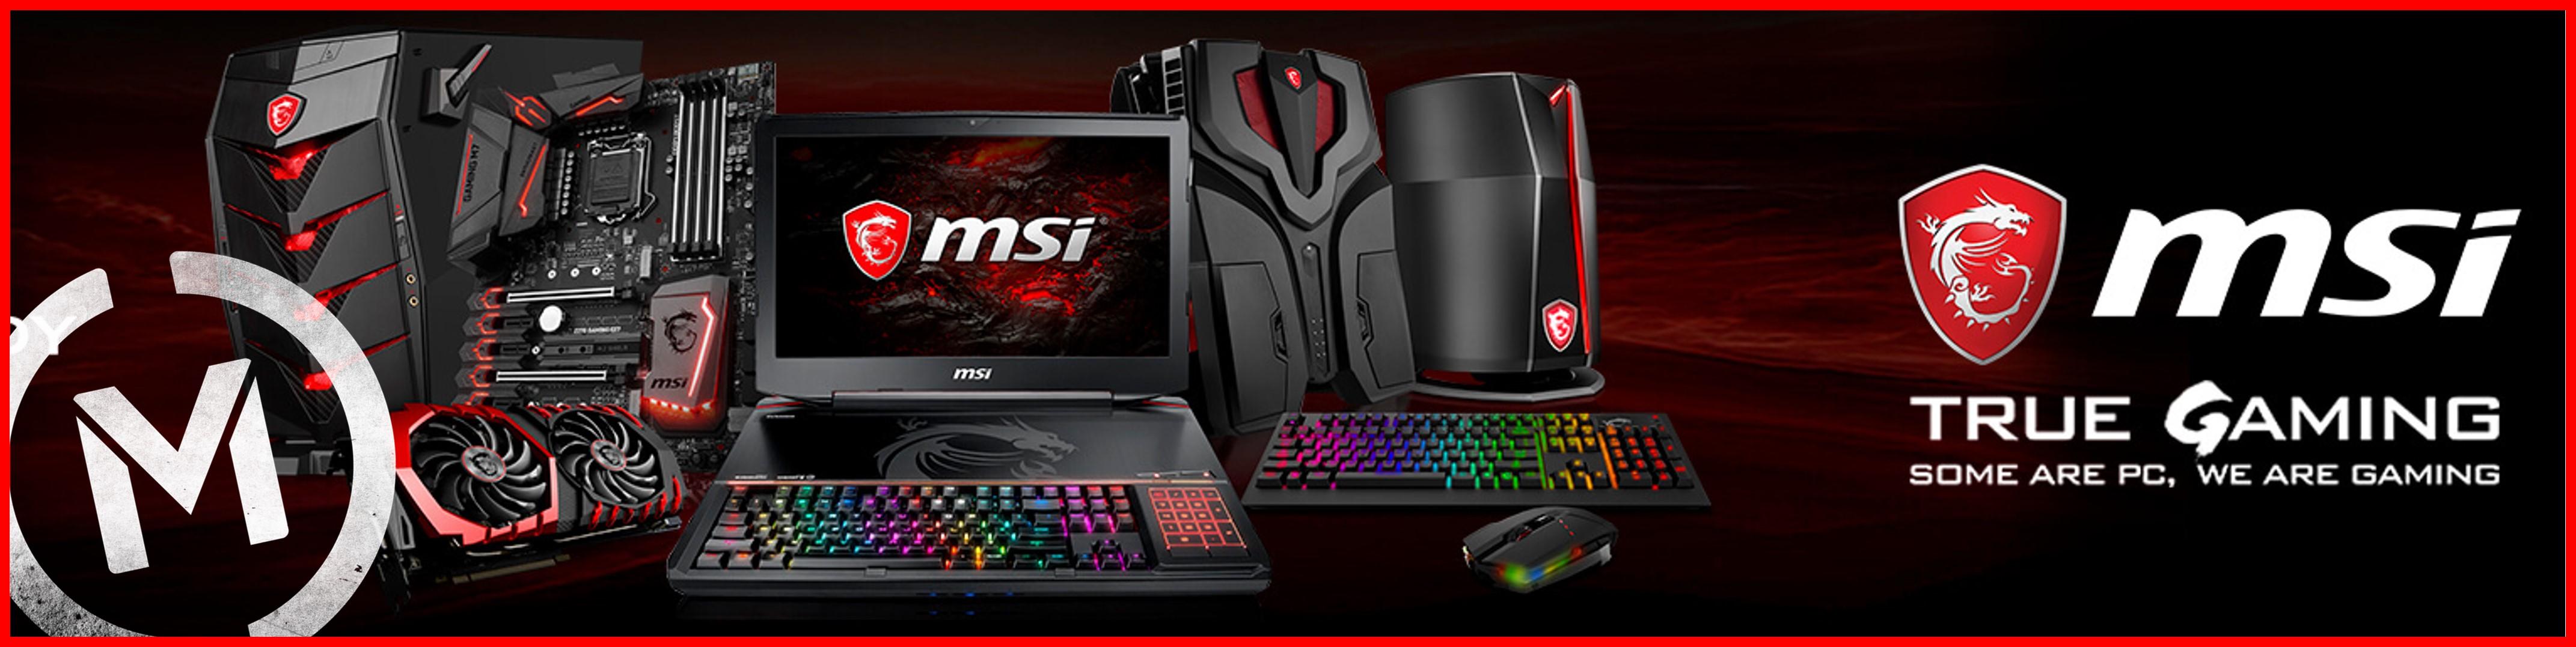 Matrix PC MSI Gaming Banner